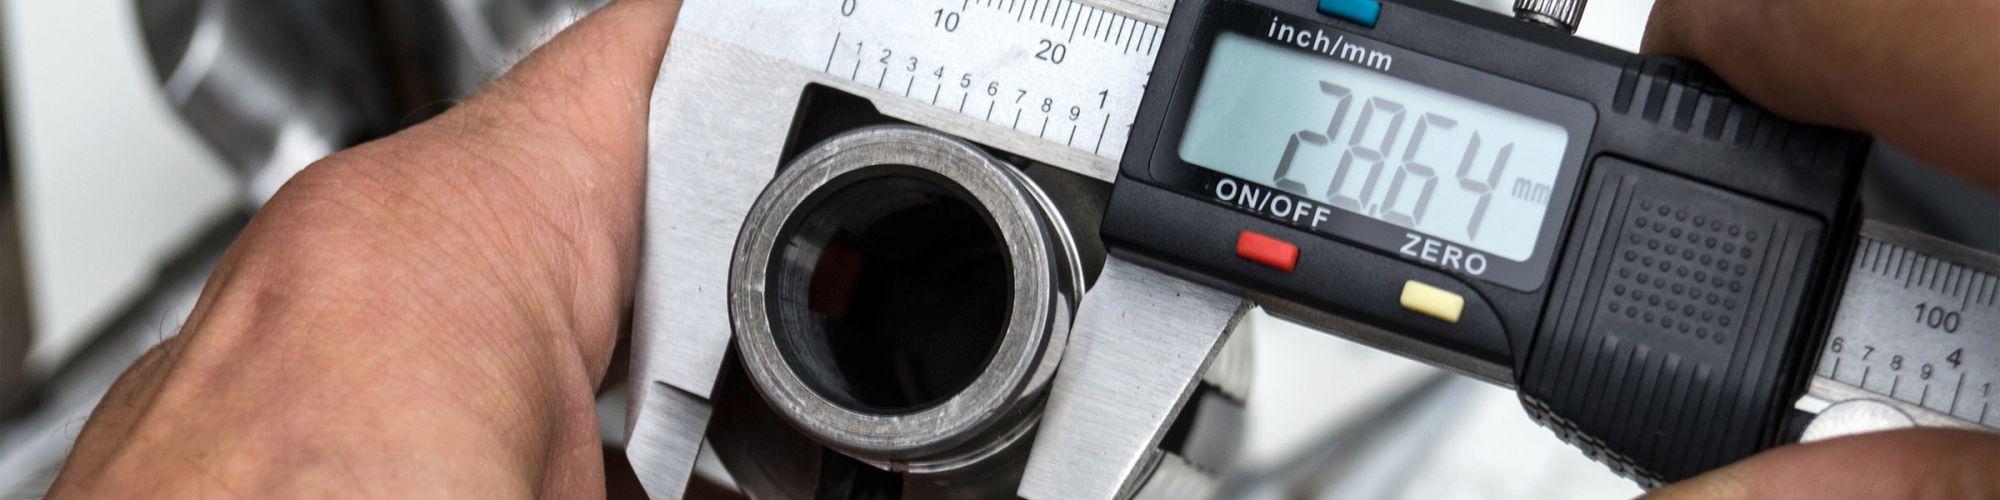 Präzise Messtechnik mit Messschieber im Maschinenbau